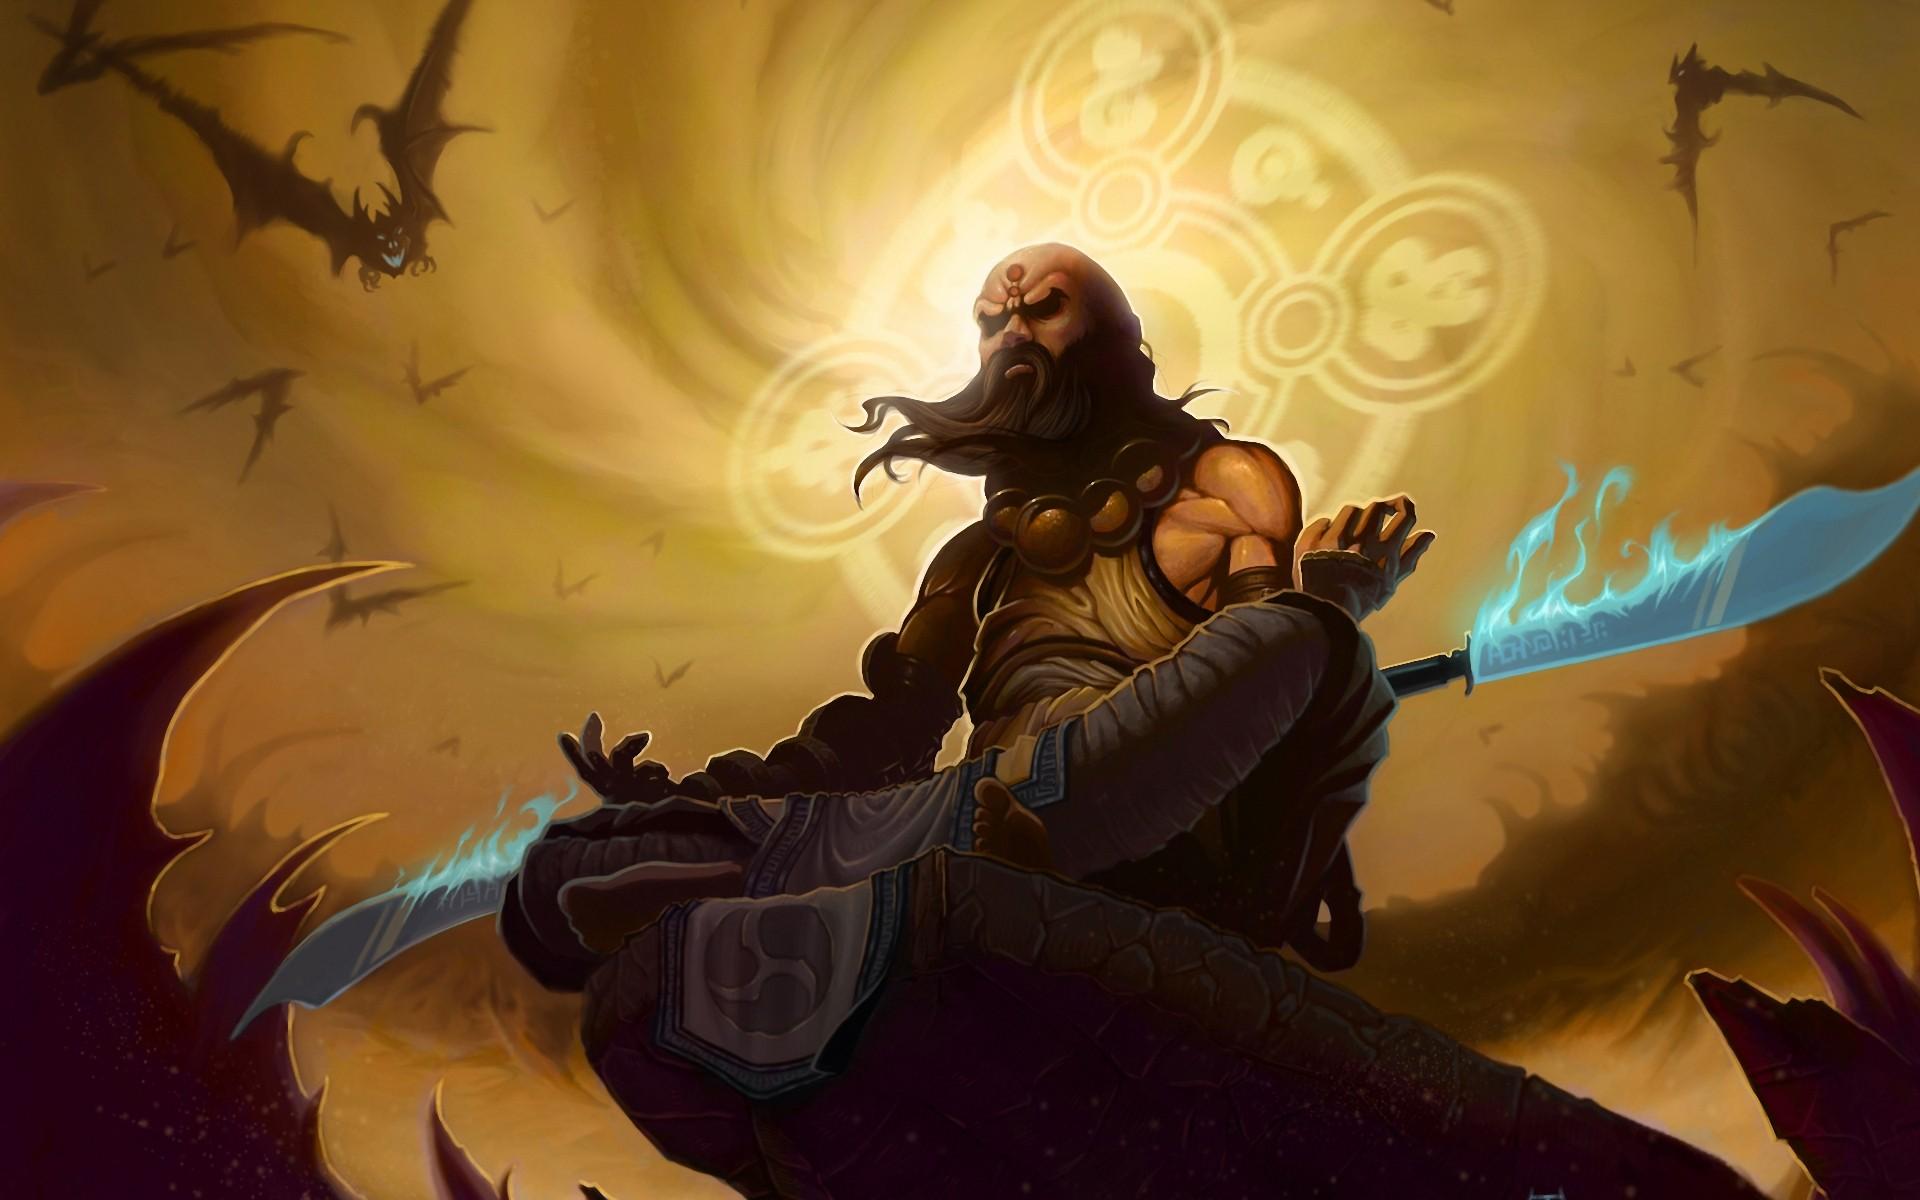 Video games blade fantasy art artwork diablo iii monk - Meditation art wallpaper ...